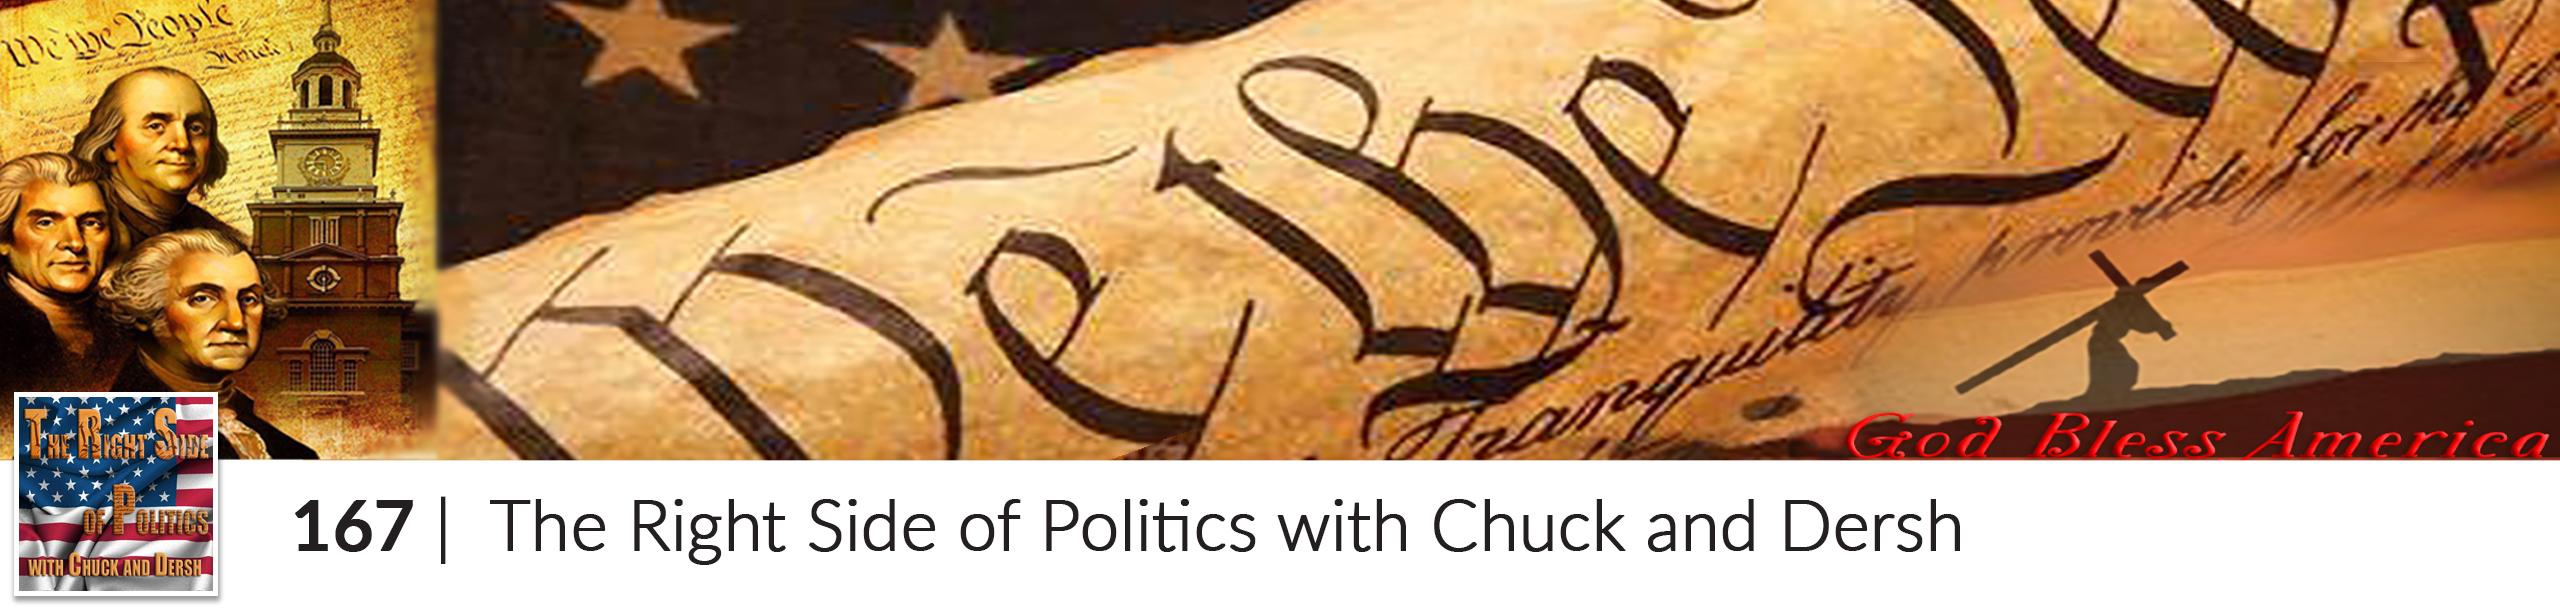 Right_Side_of_Politics-header01